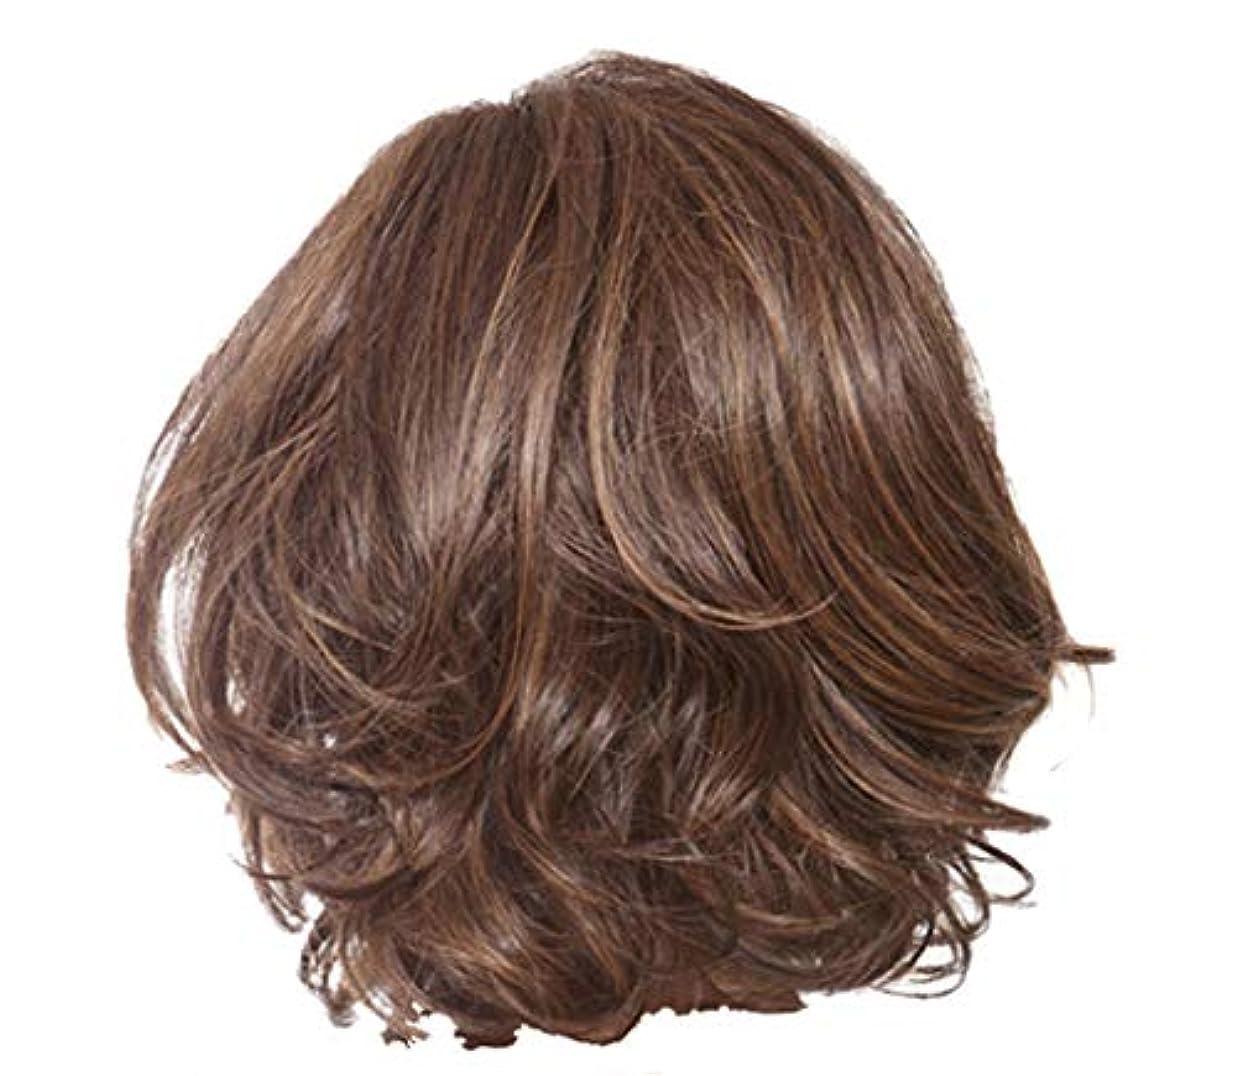 検索エンジン最適化旅客虫ウィッグ女性のセクシーな短い巻き毛のかつらクールなハンサムなかつら36 cm